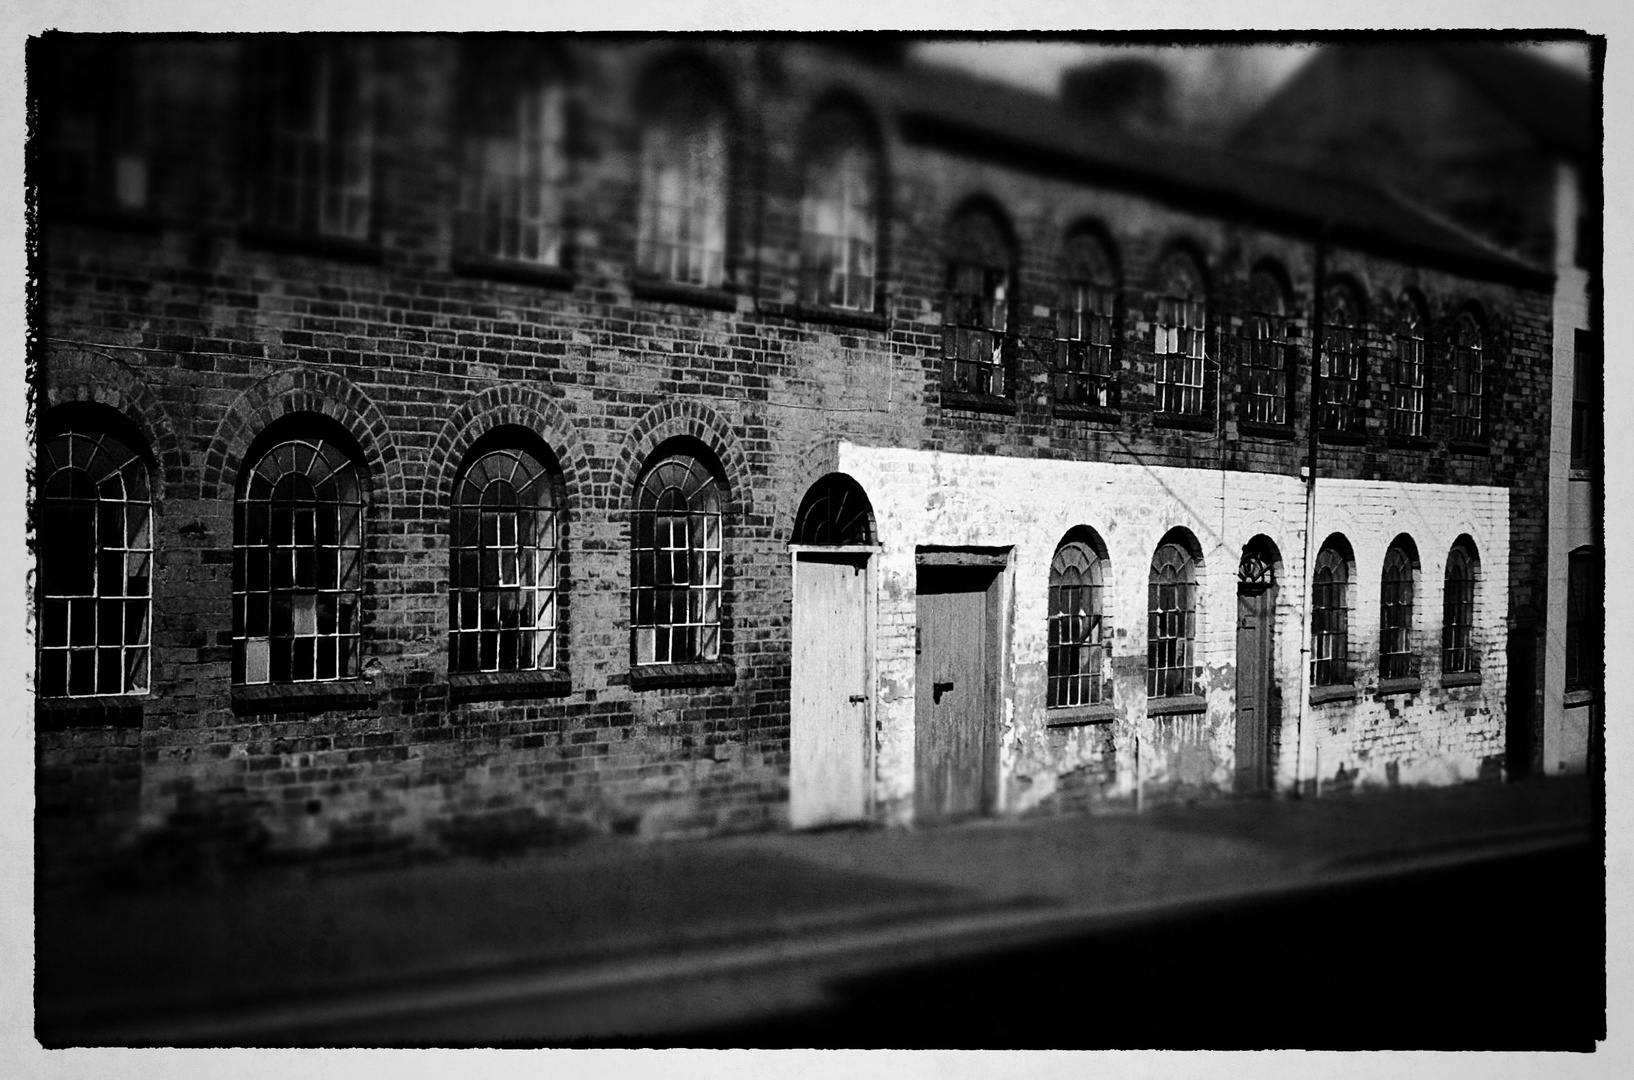 Old Workshops